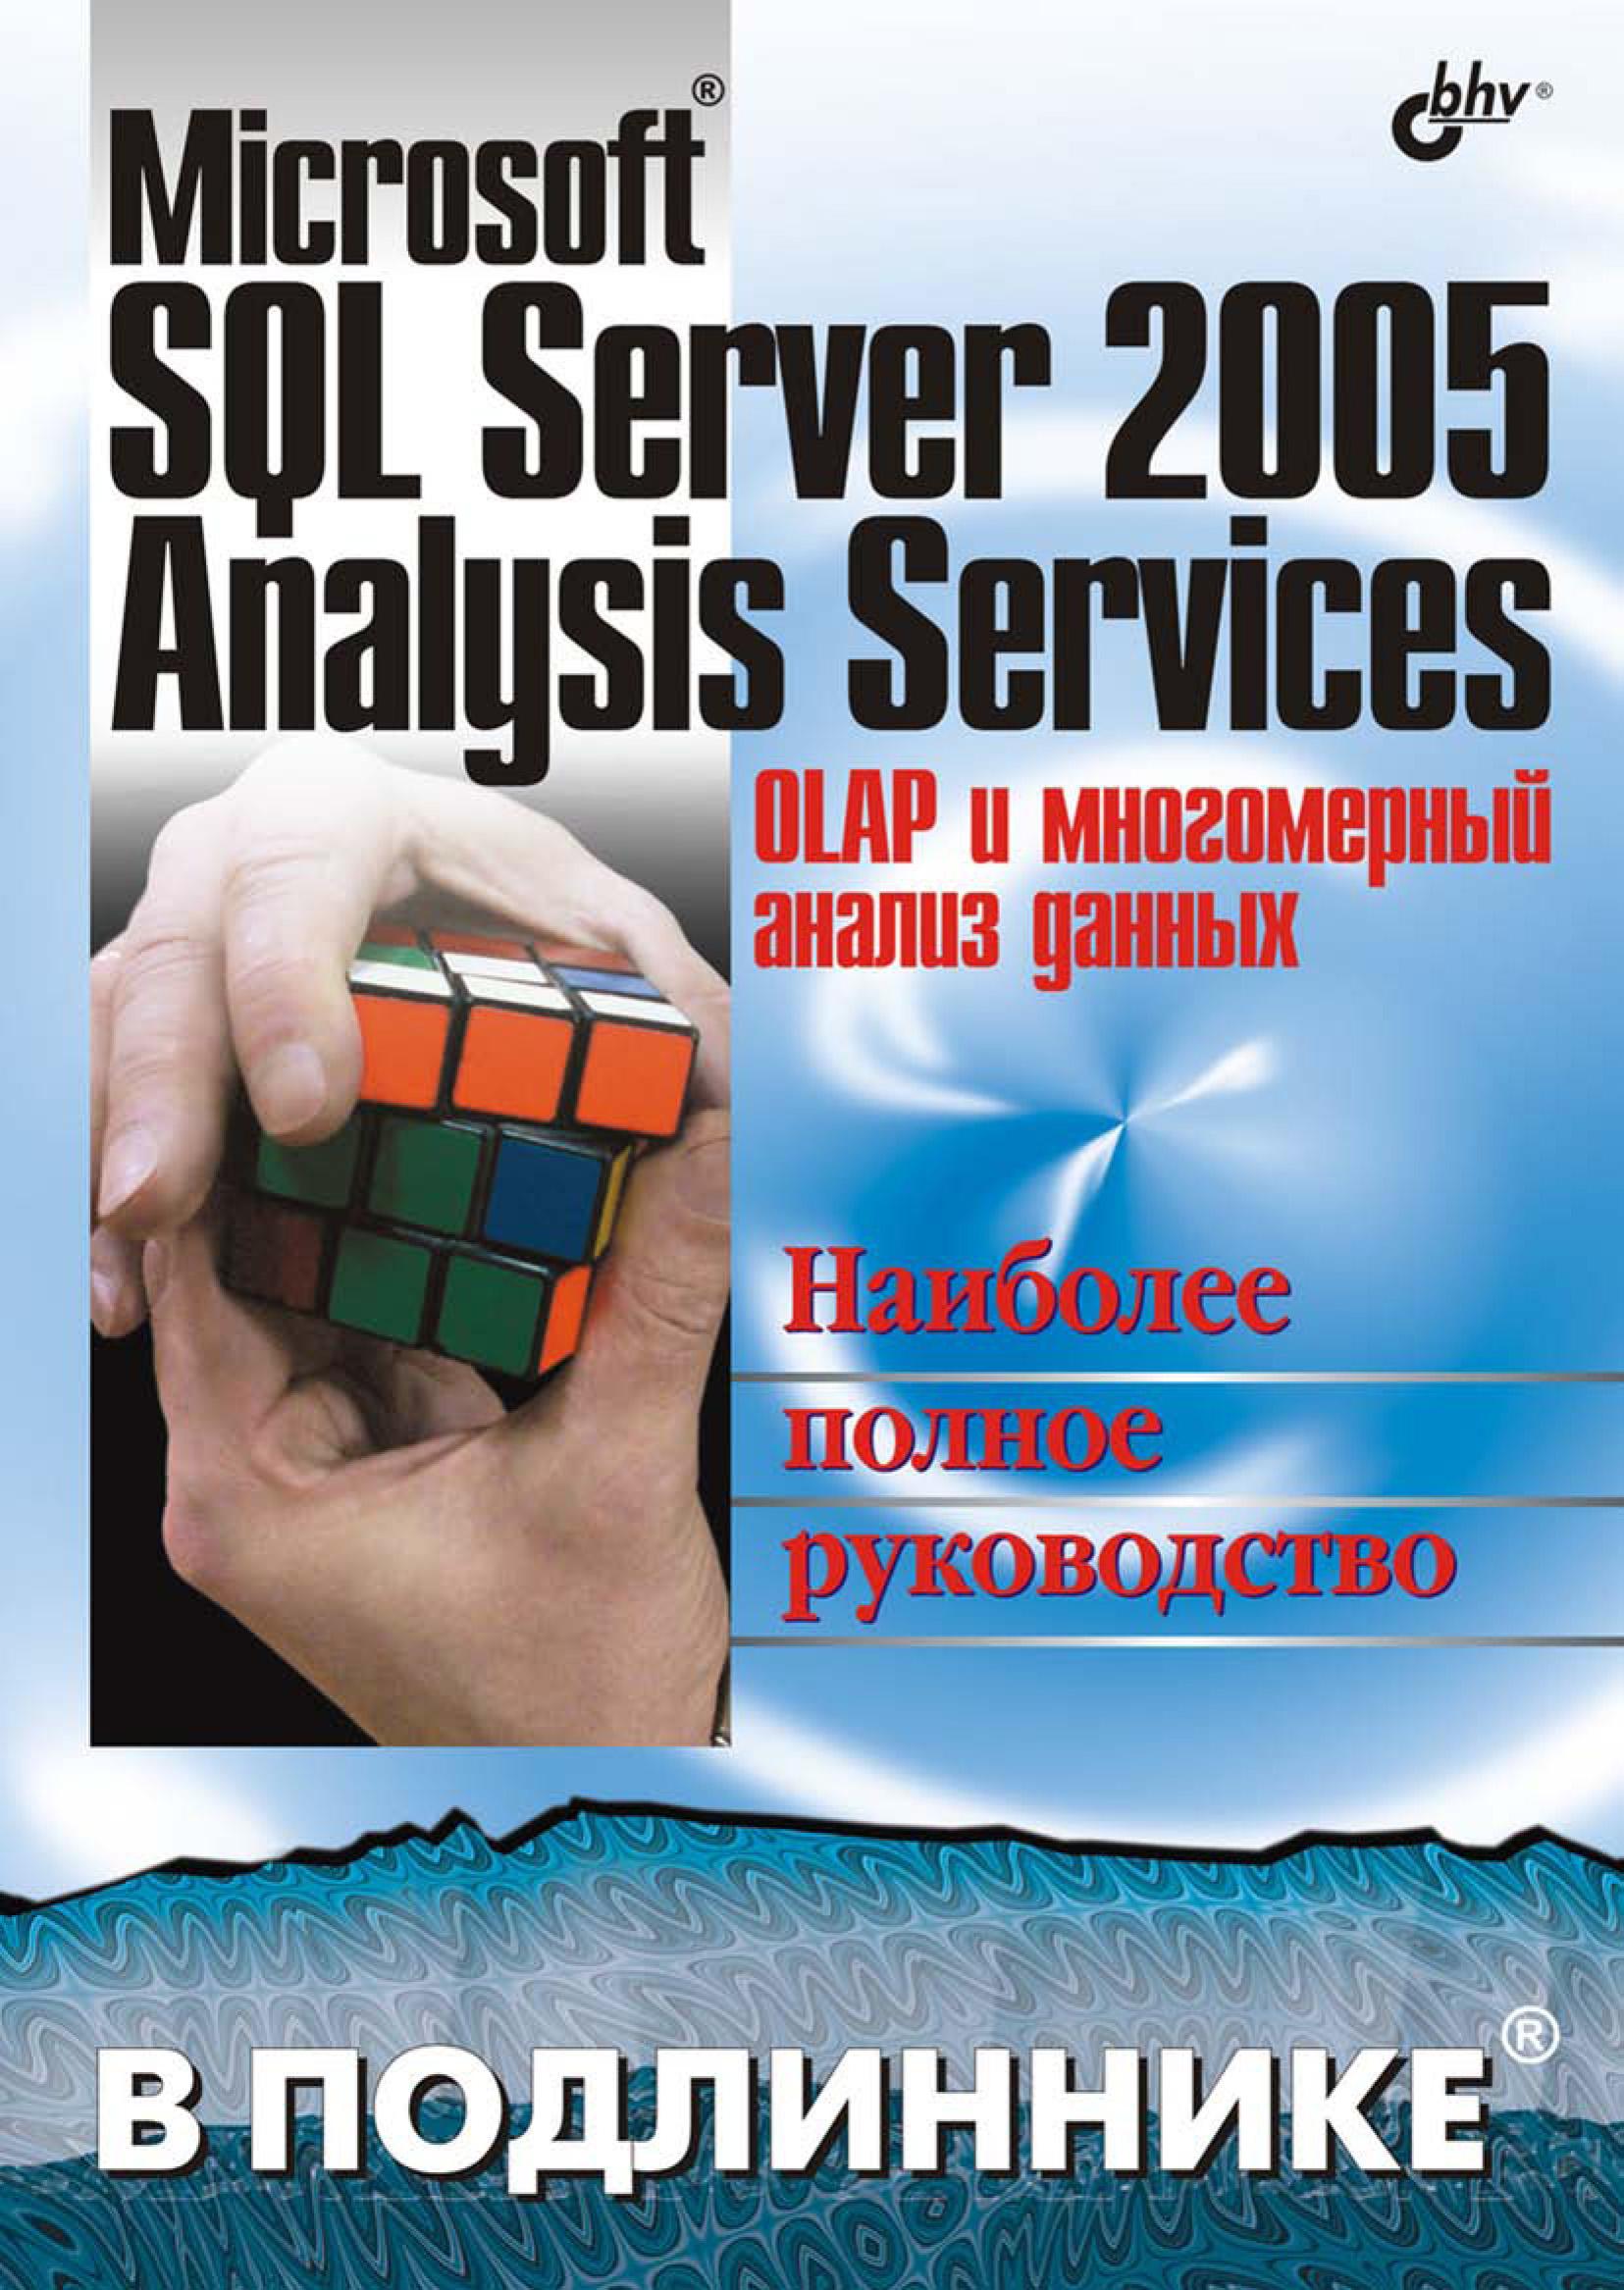 А. Б. Бергер Microsoft SQL Server 2005 Analysis Services. OLAP и многомерный анализ данных большаков а каримов р методы обработки многомерных данных и временных рядов isbn 5935172879